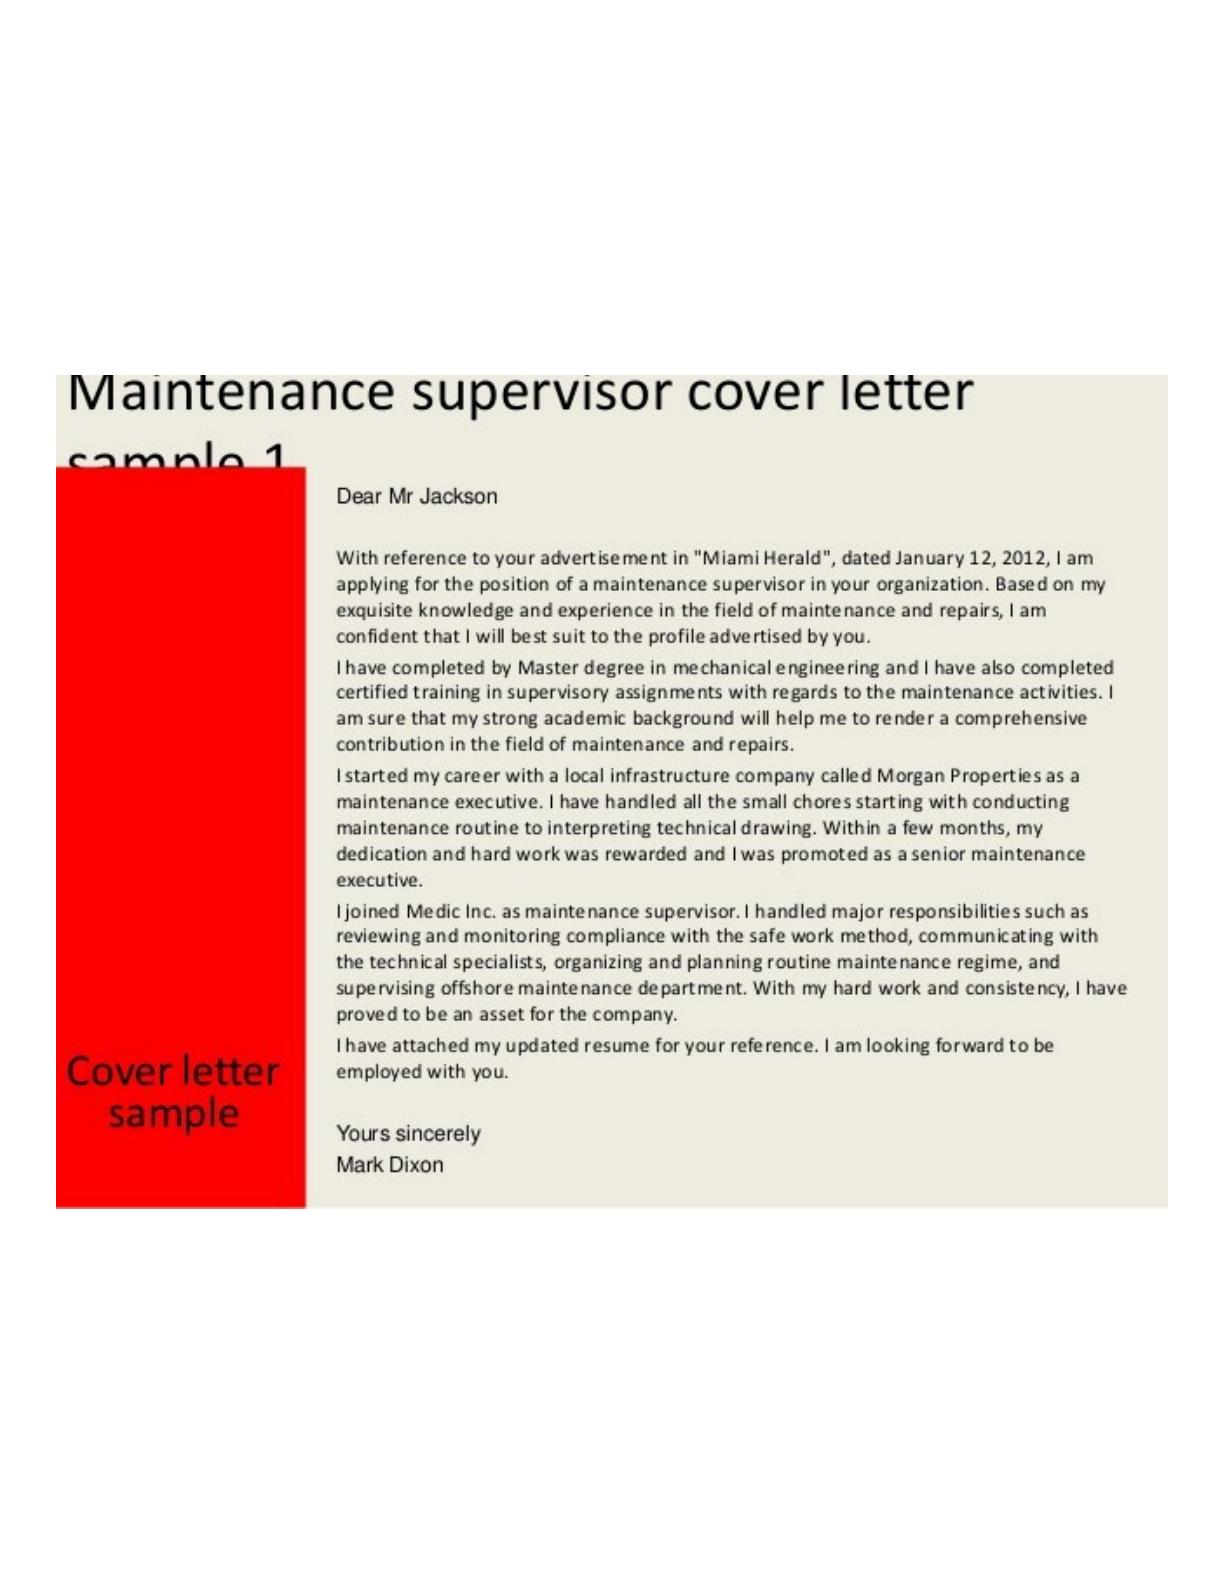 Basic Maintenance Supervisor Cover Letter Samples and Templates – Maintenance Supervisor Cover Letter